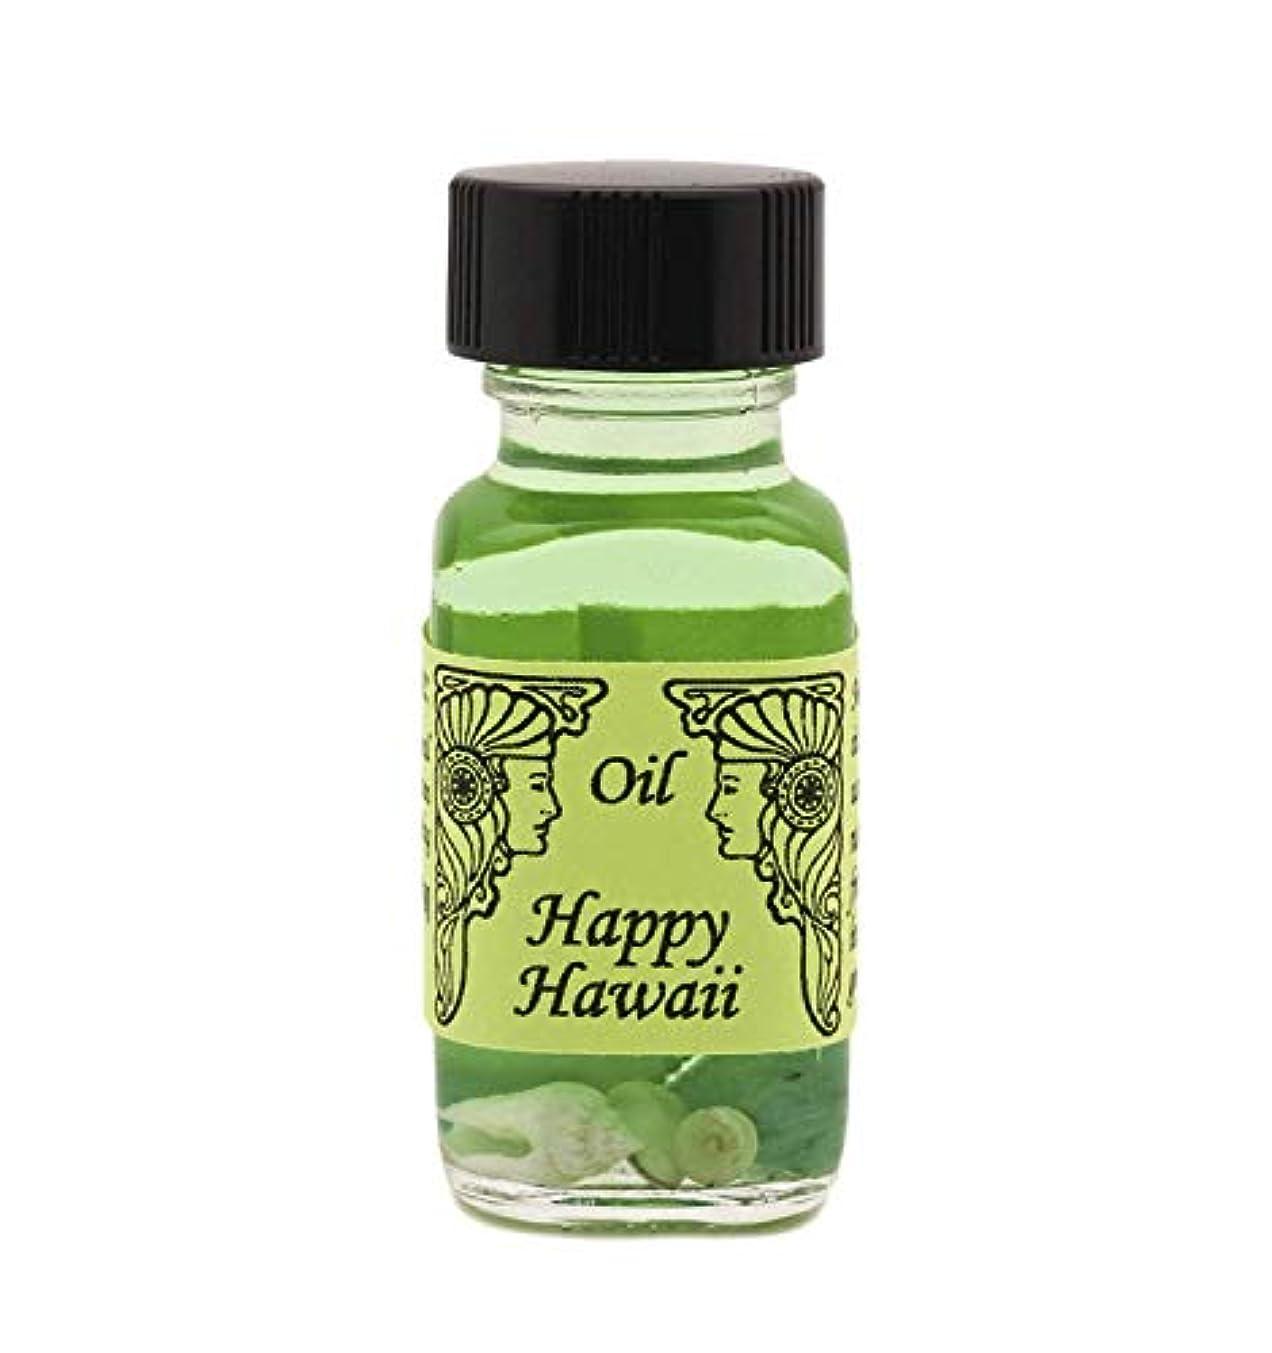 判決噂美人Happy Hawaii (ハッピーハワイ) アンシェントメモリーオイル 15ml 2019年復活オイル